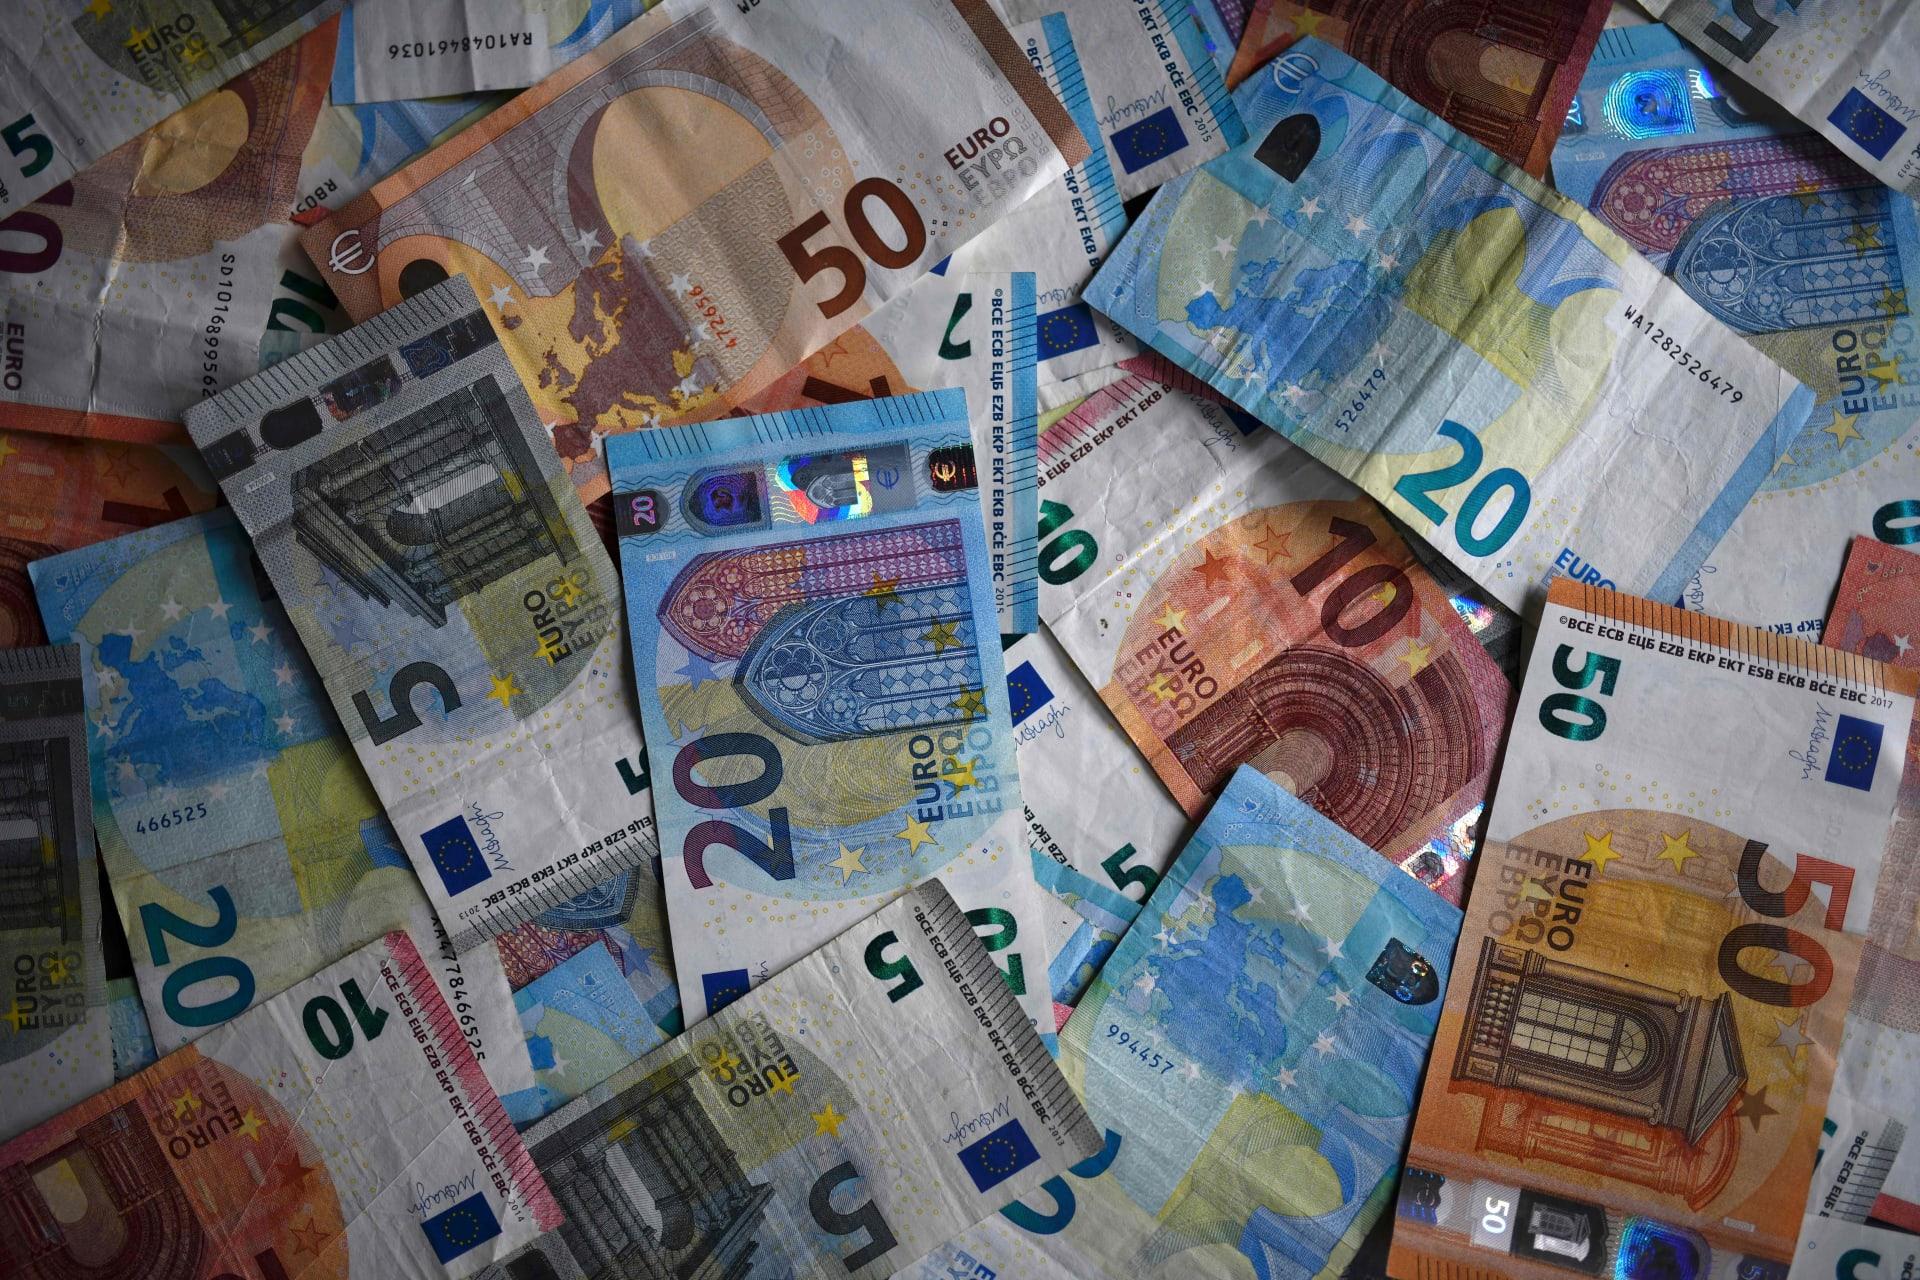 أوراق بنكنوت من العملة الأوروبية الموحدة اليورو